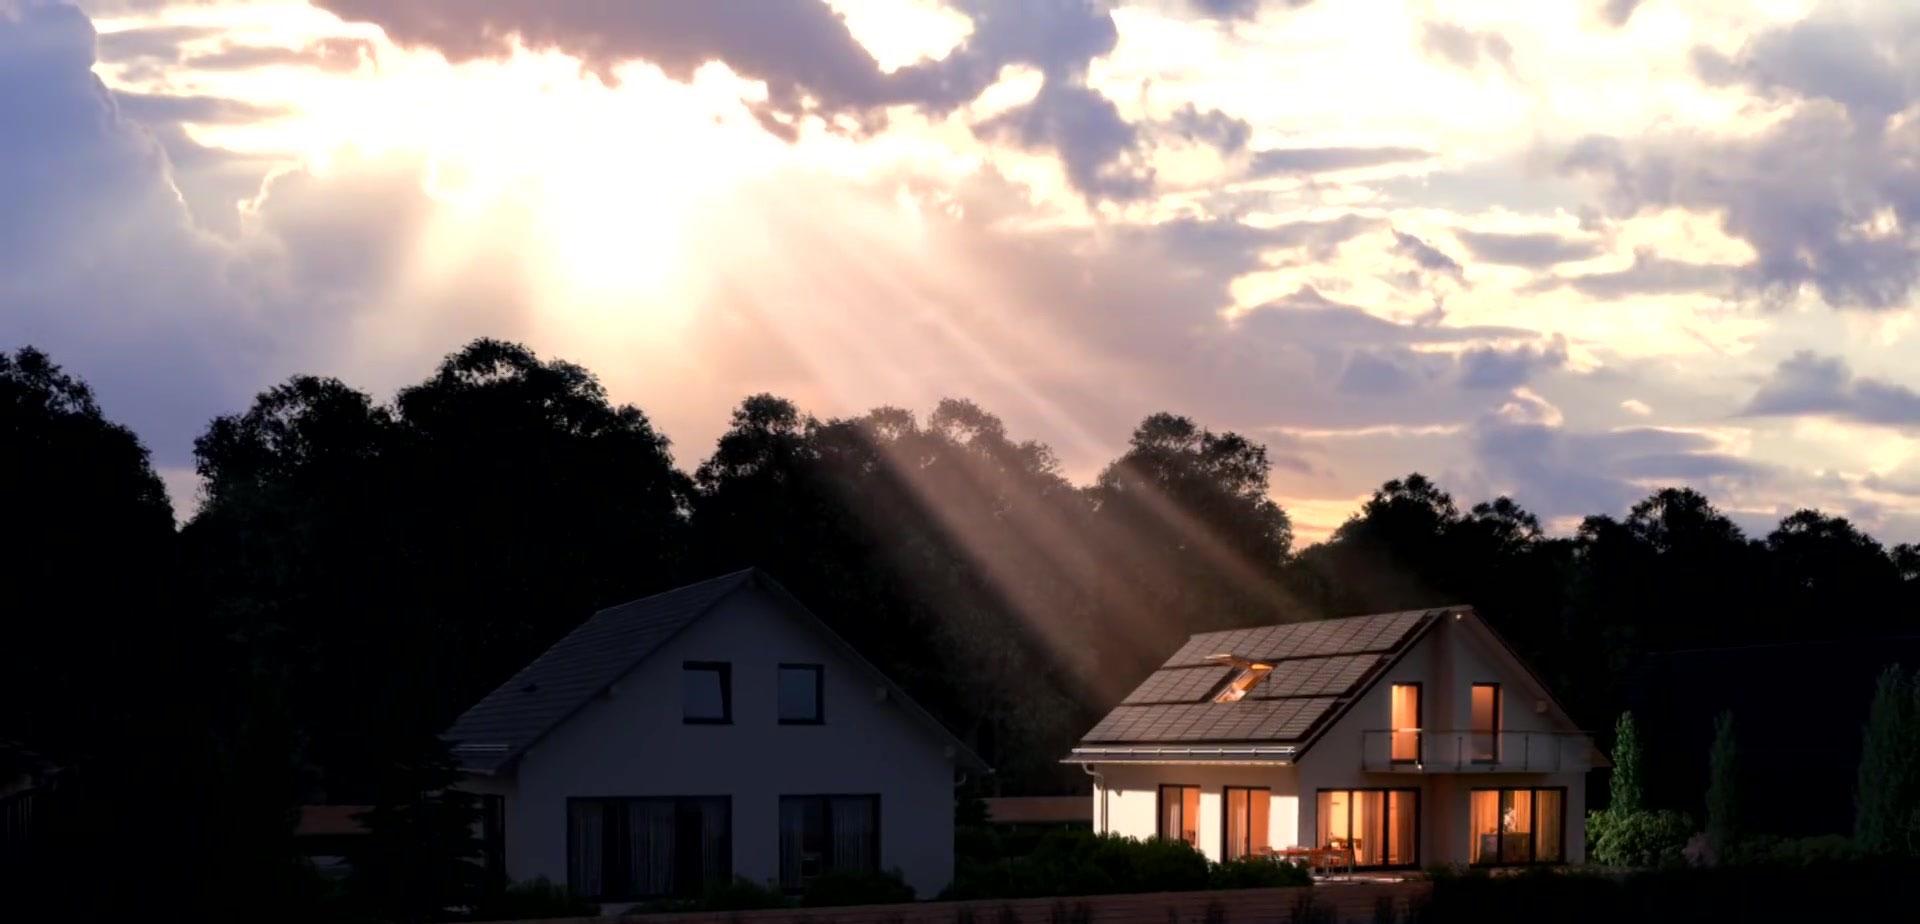 stromspeicher myreserve 2 2 die neue energie unabh ngigkeit premium solarglas. Black Bedroom Furniture Sets. Home Design Ideas